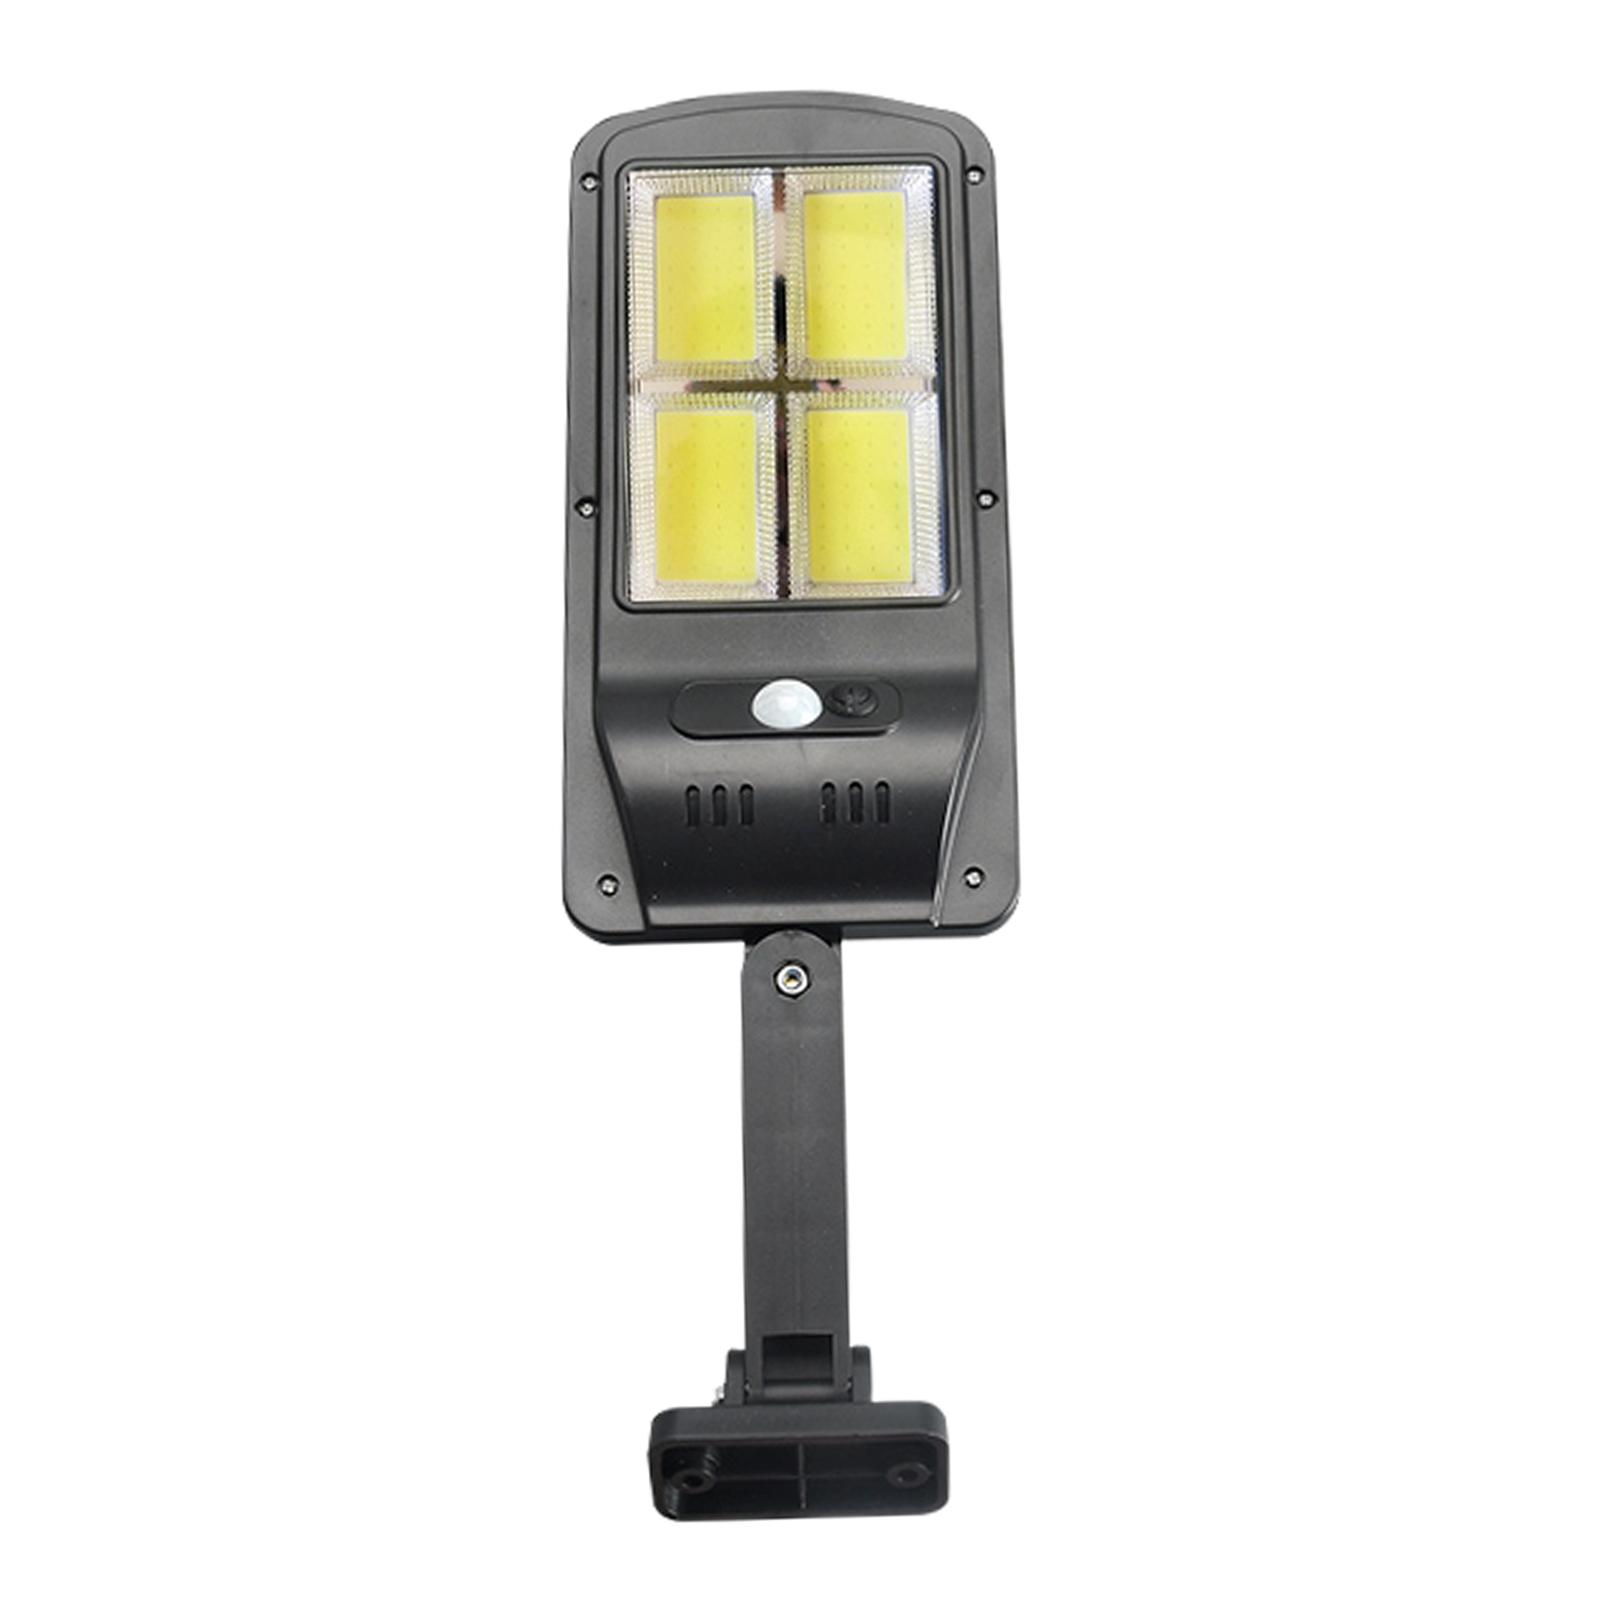 Corps-de-reverbere-a-LED-a-energie-solaire-detectant-la-lumiere miniatura 15